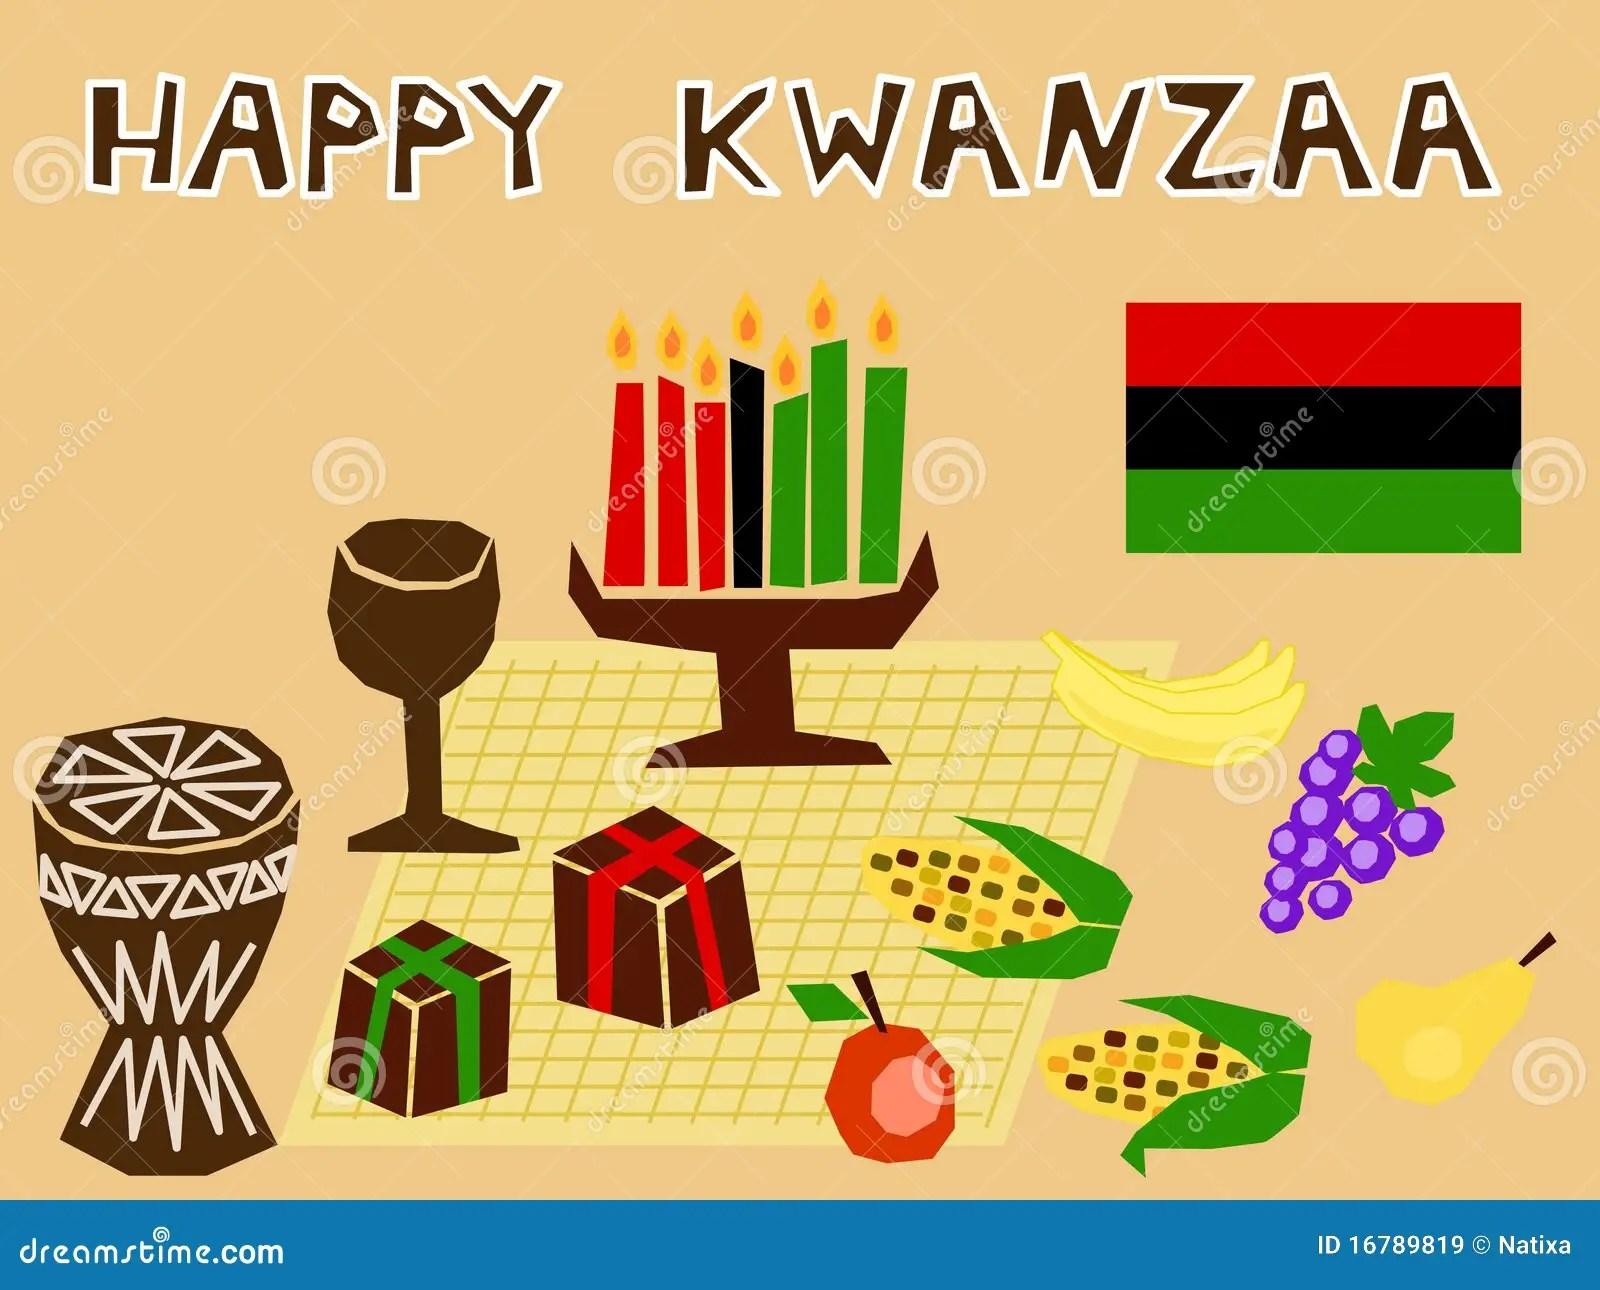 Kwanzaa Stuff Royalty Free Stock Images